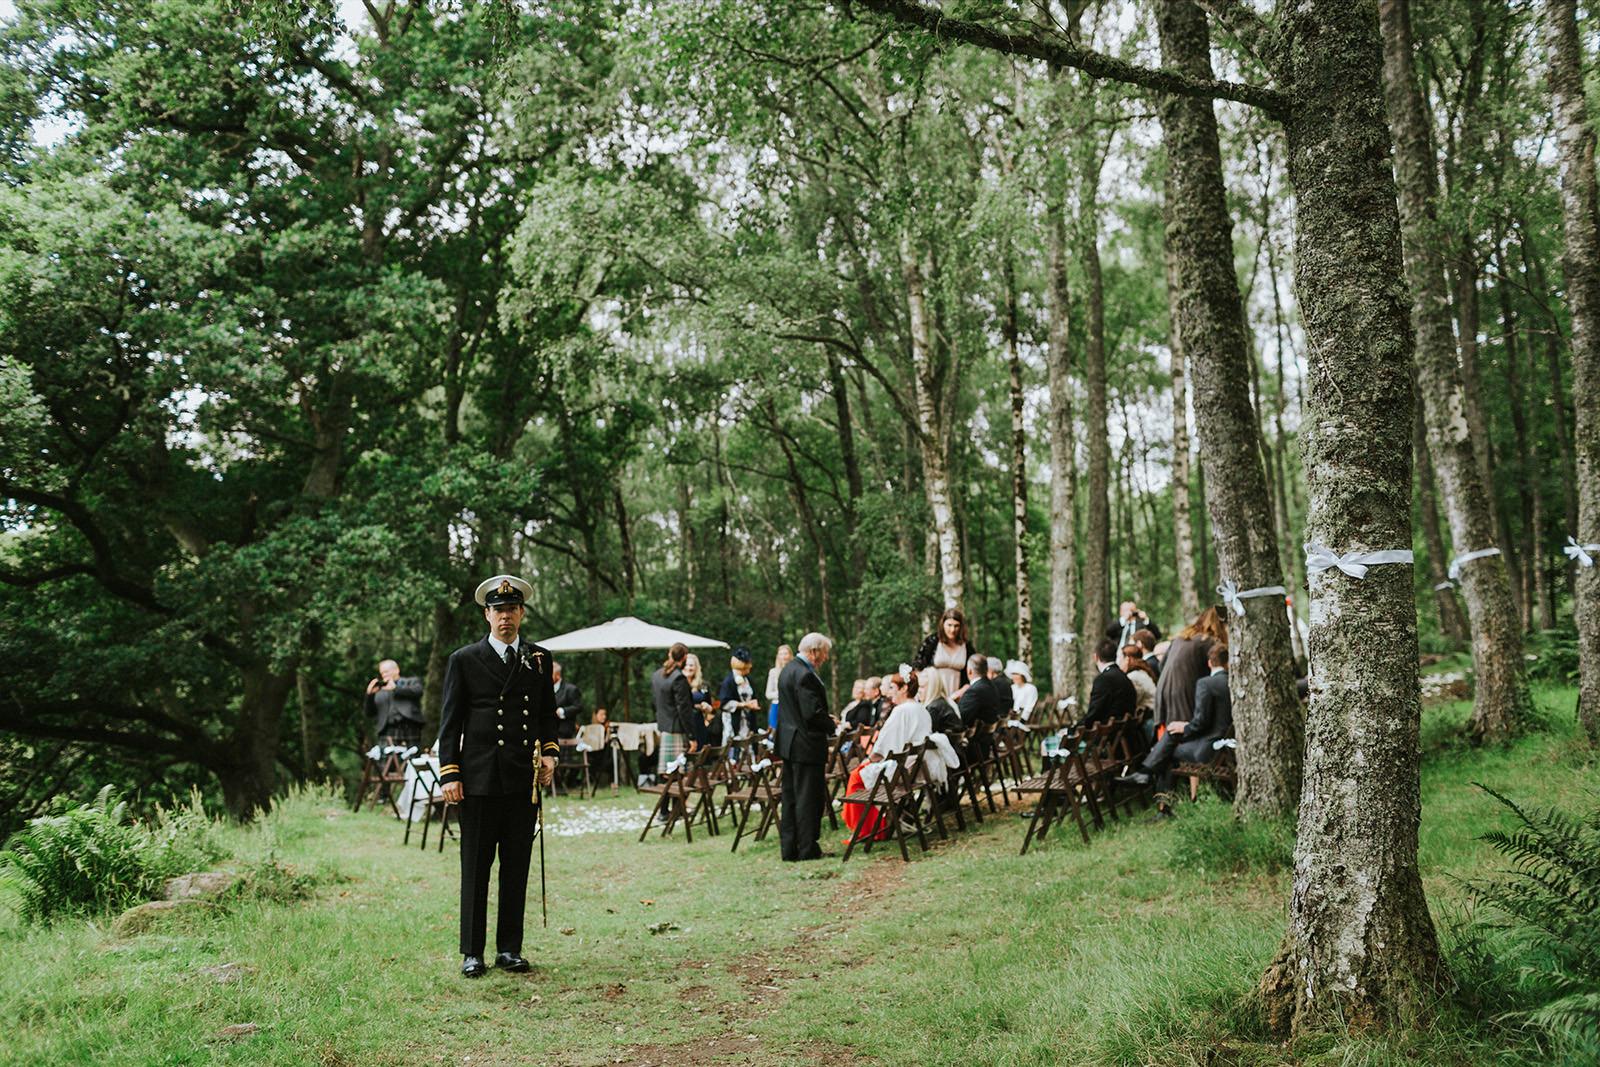 scottish outdoor ceremony